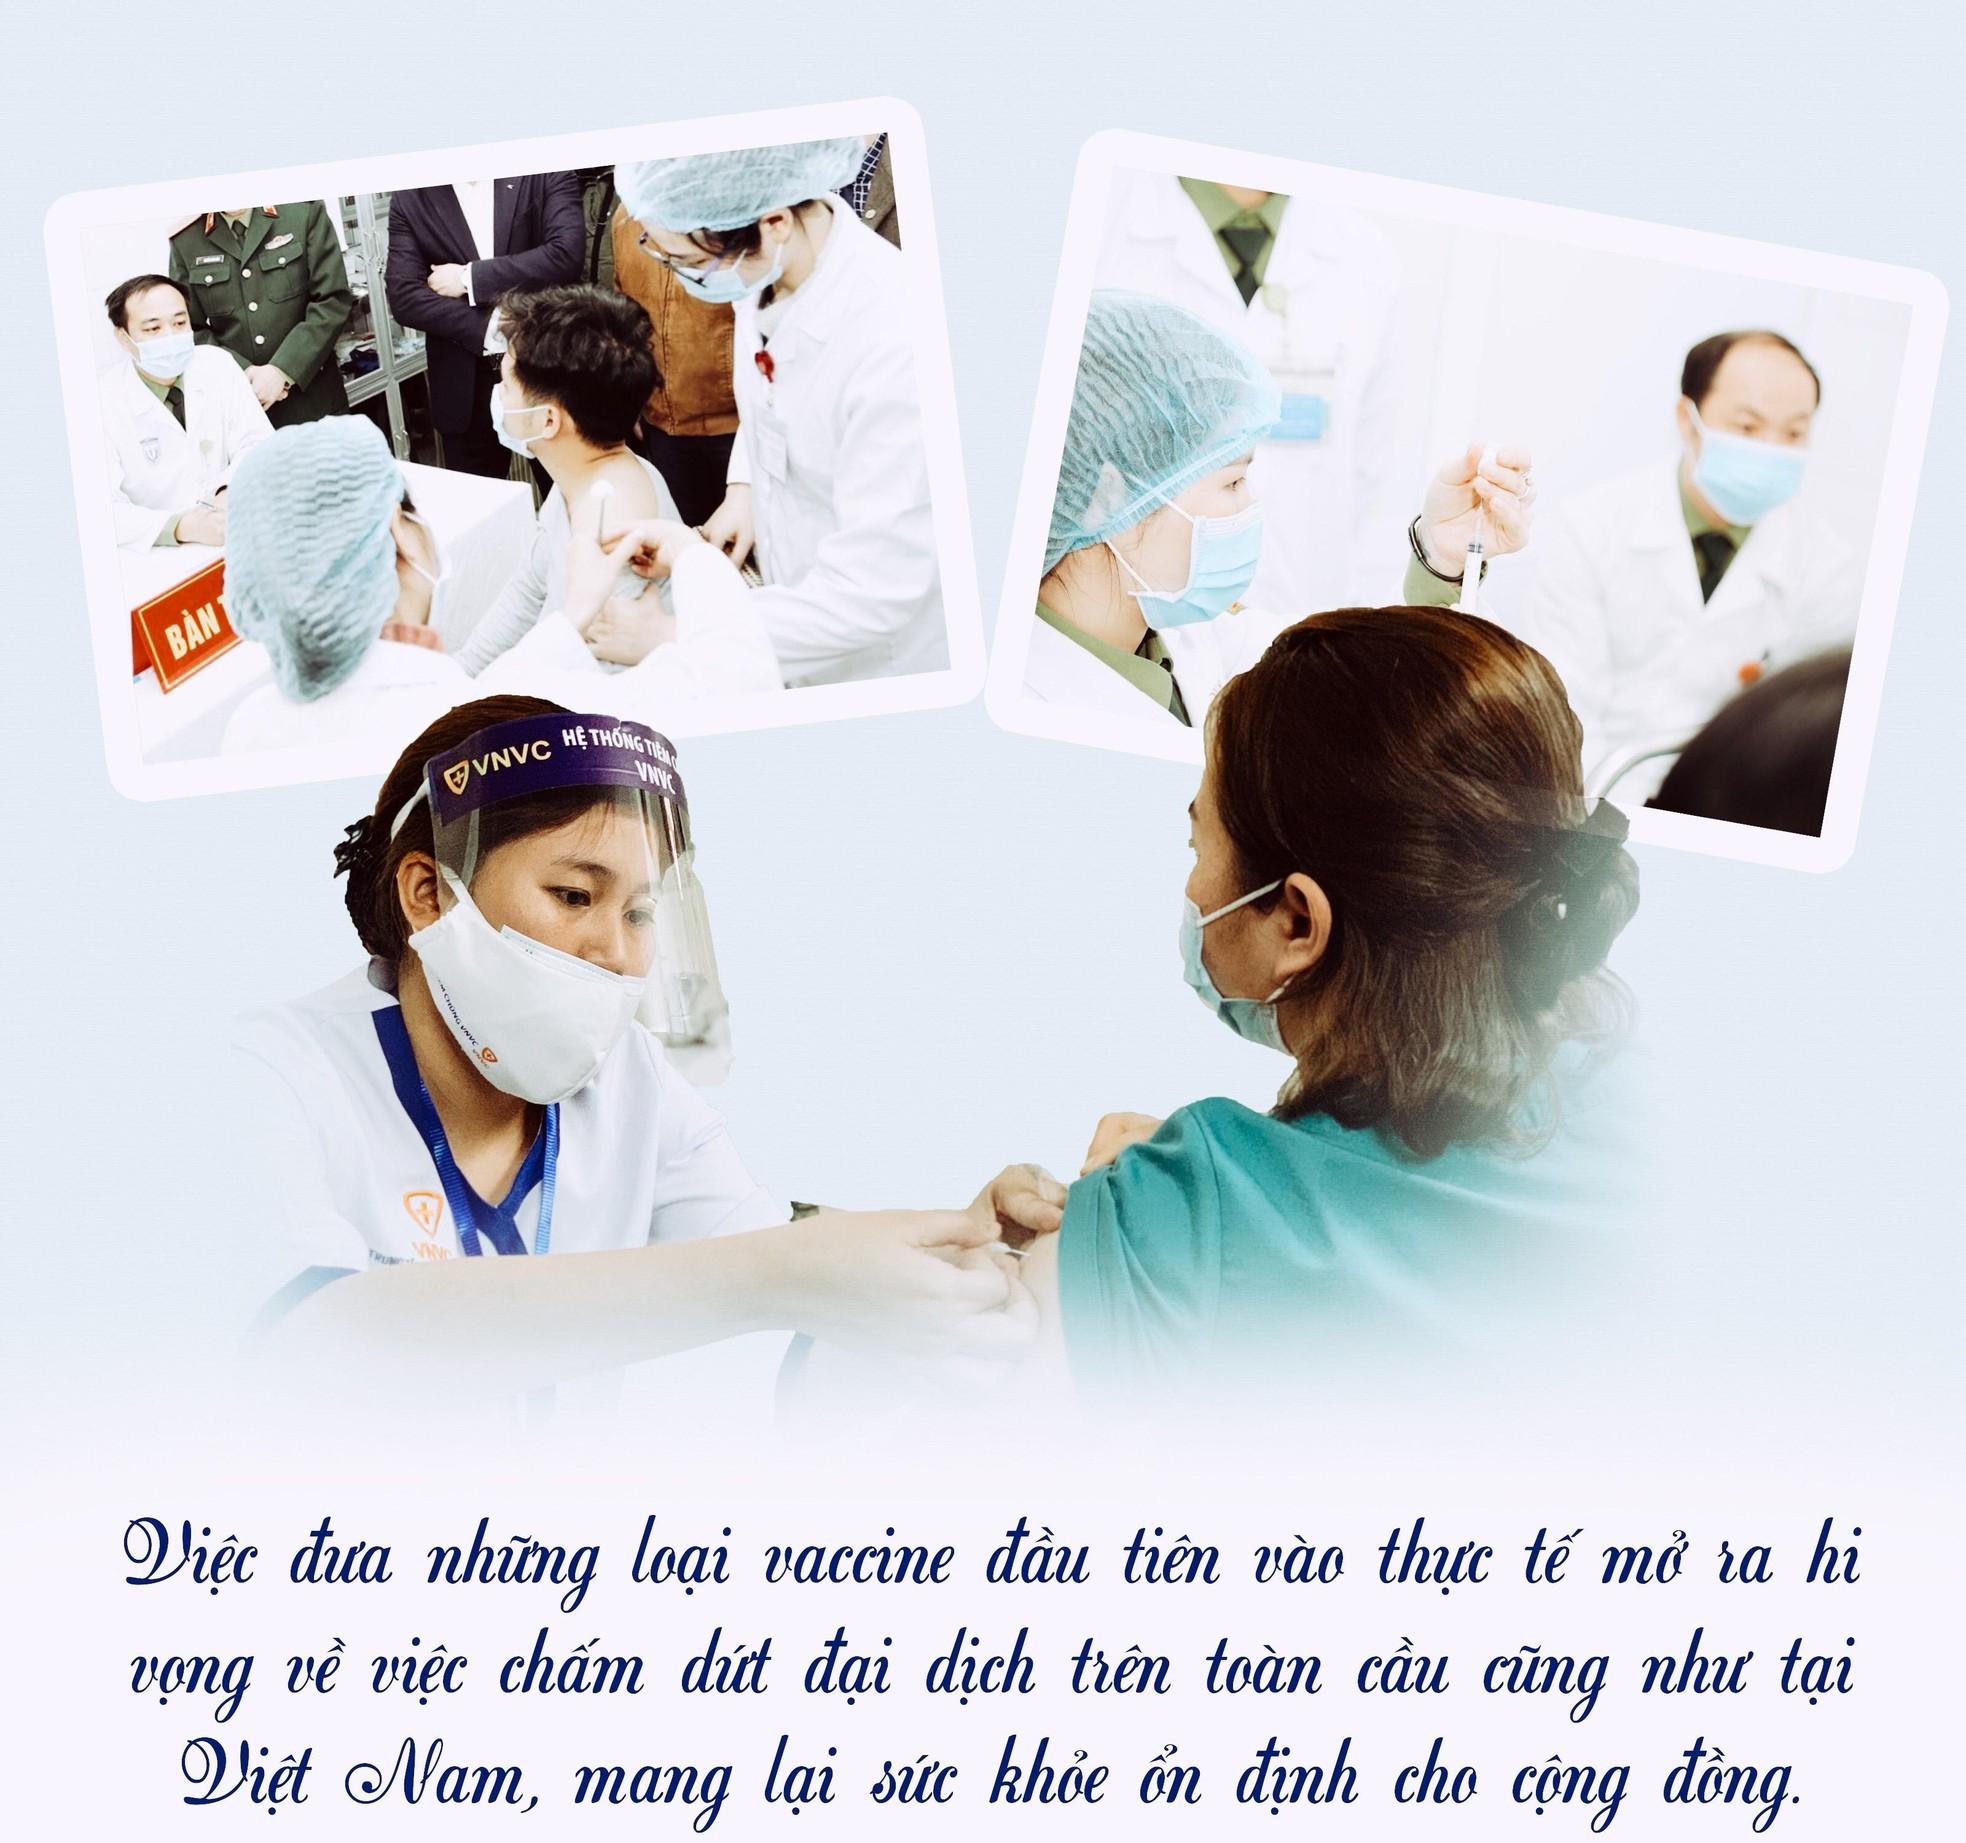 Việt Nam triển khai tiêm vaccine phòng COVID-19: Hào hứng và hồi hộp! ảnh 9